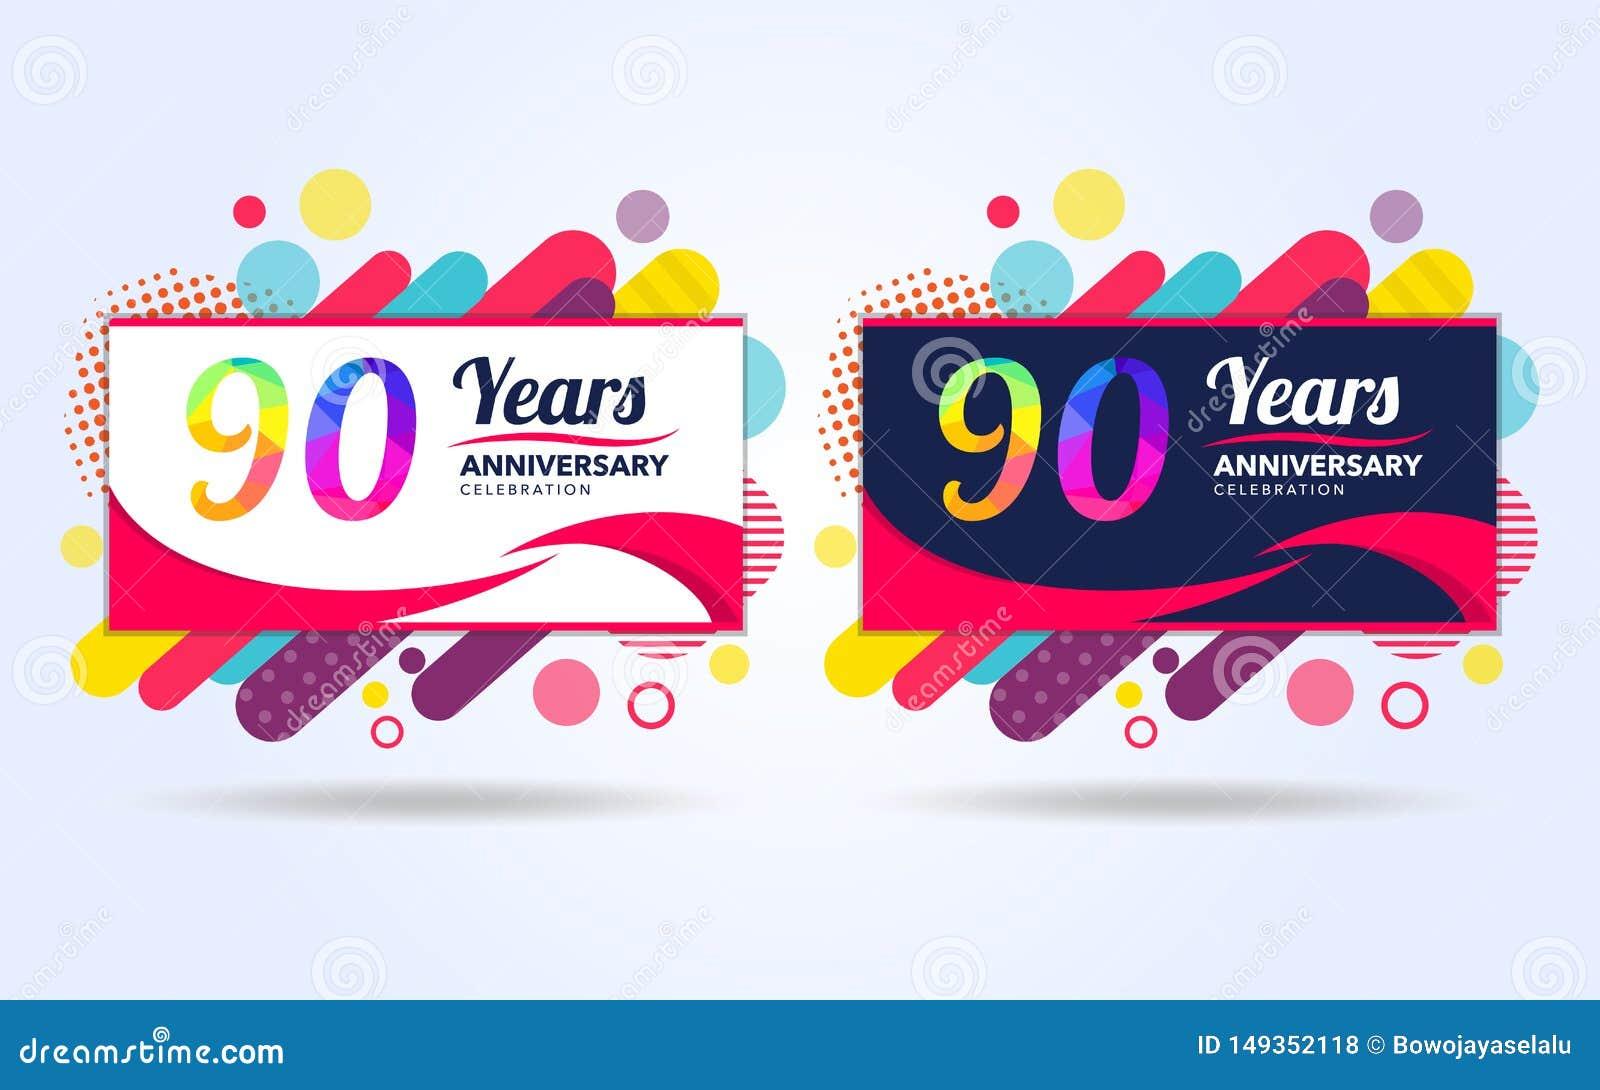 90 anos estalam elementos do projeto moderno do aniversário, edição colorida, projeto do molde da celebração, projeto do molde da